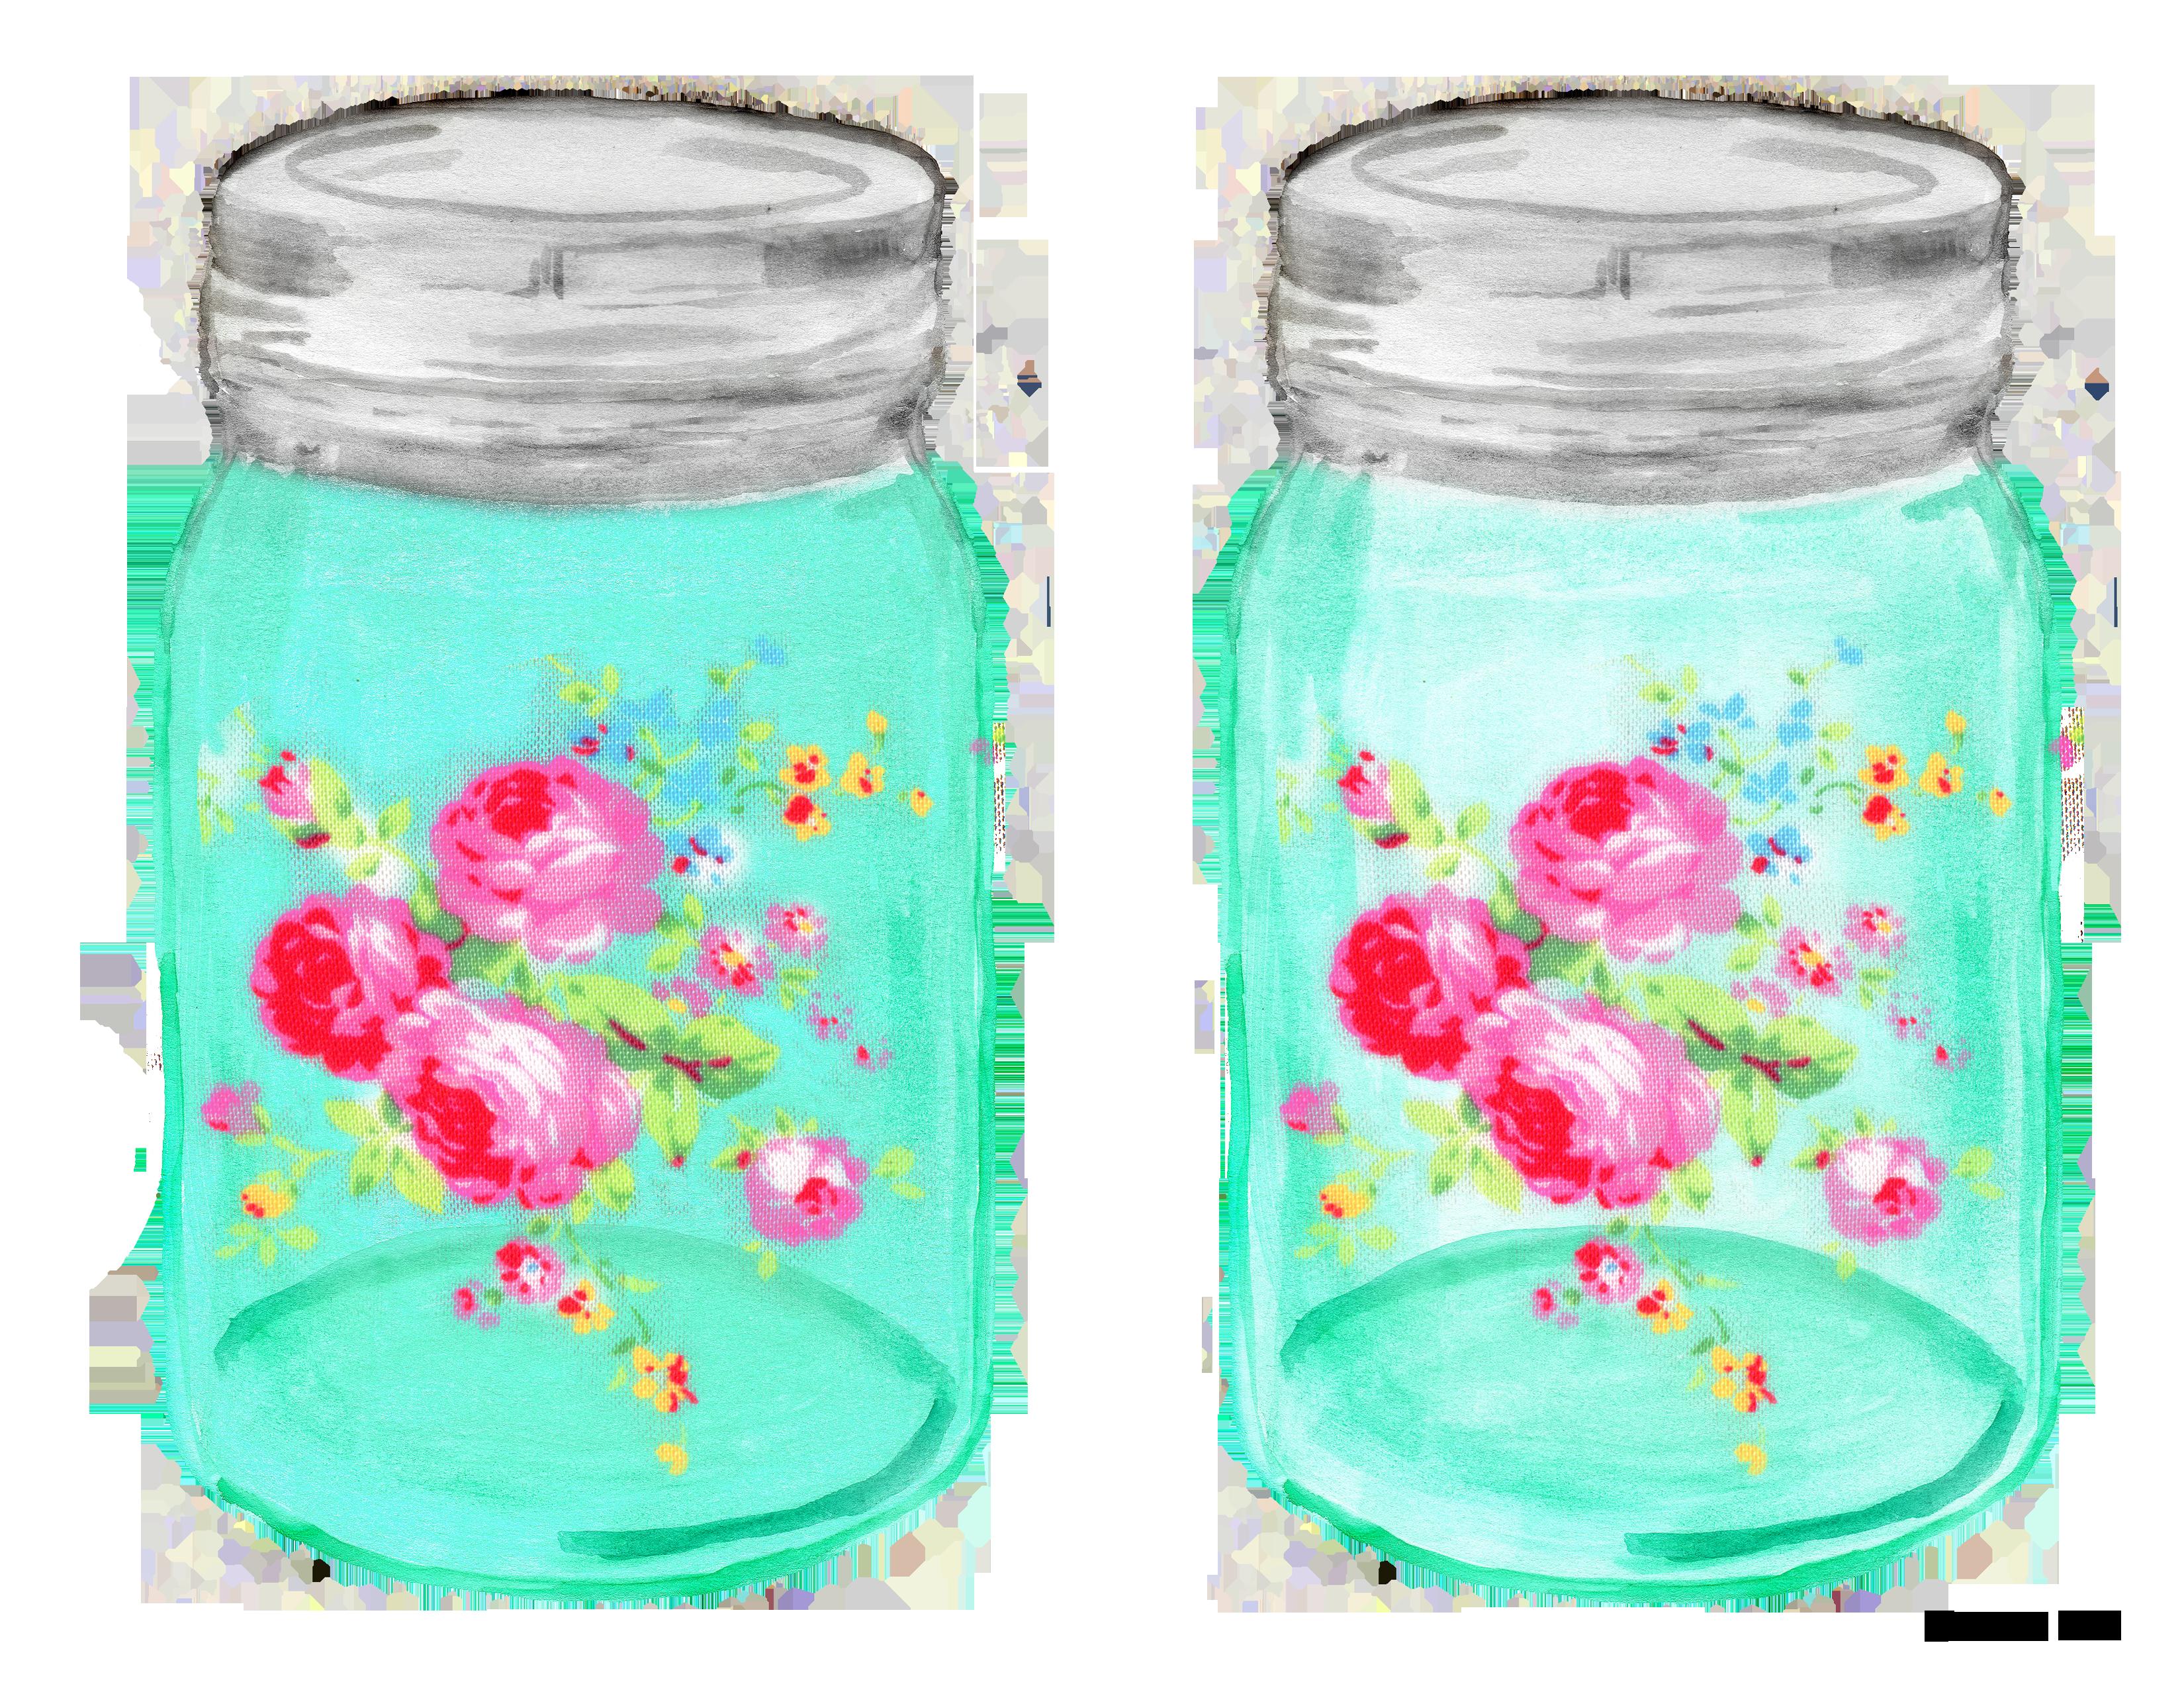 Clipart roses shabby chic. Mason ball jar free